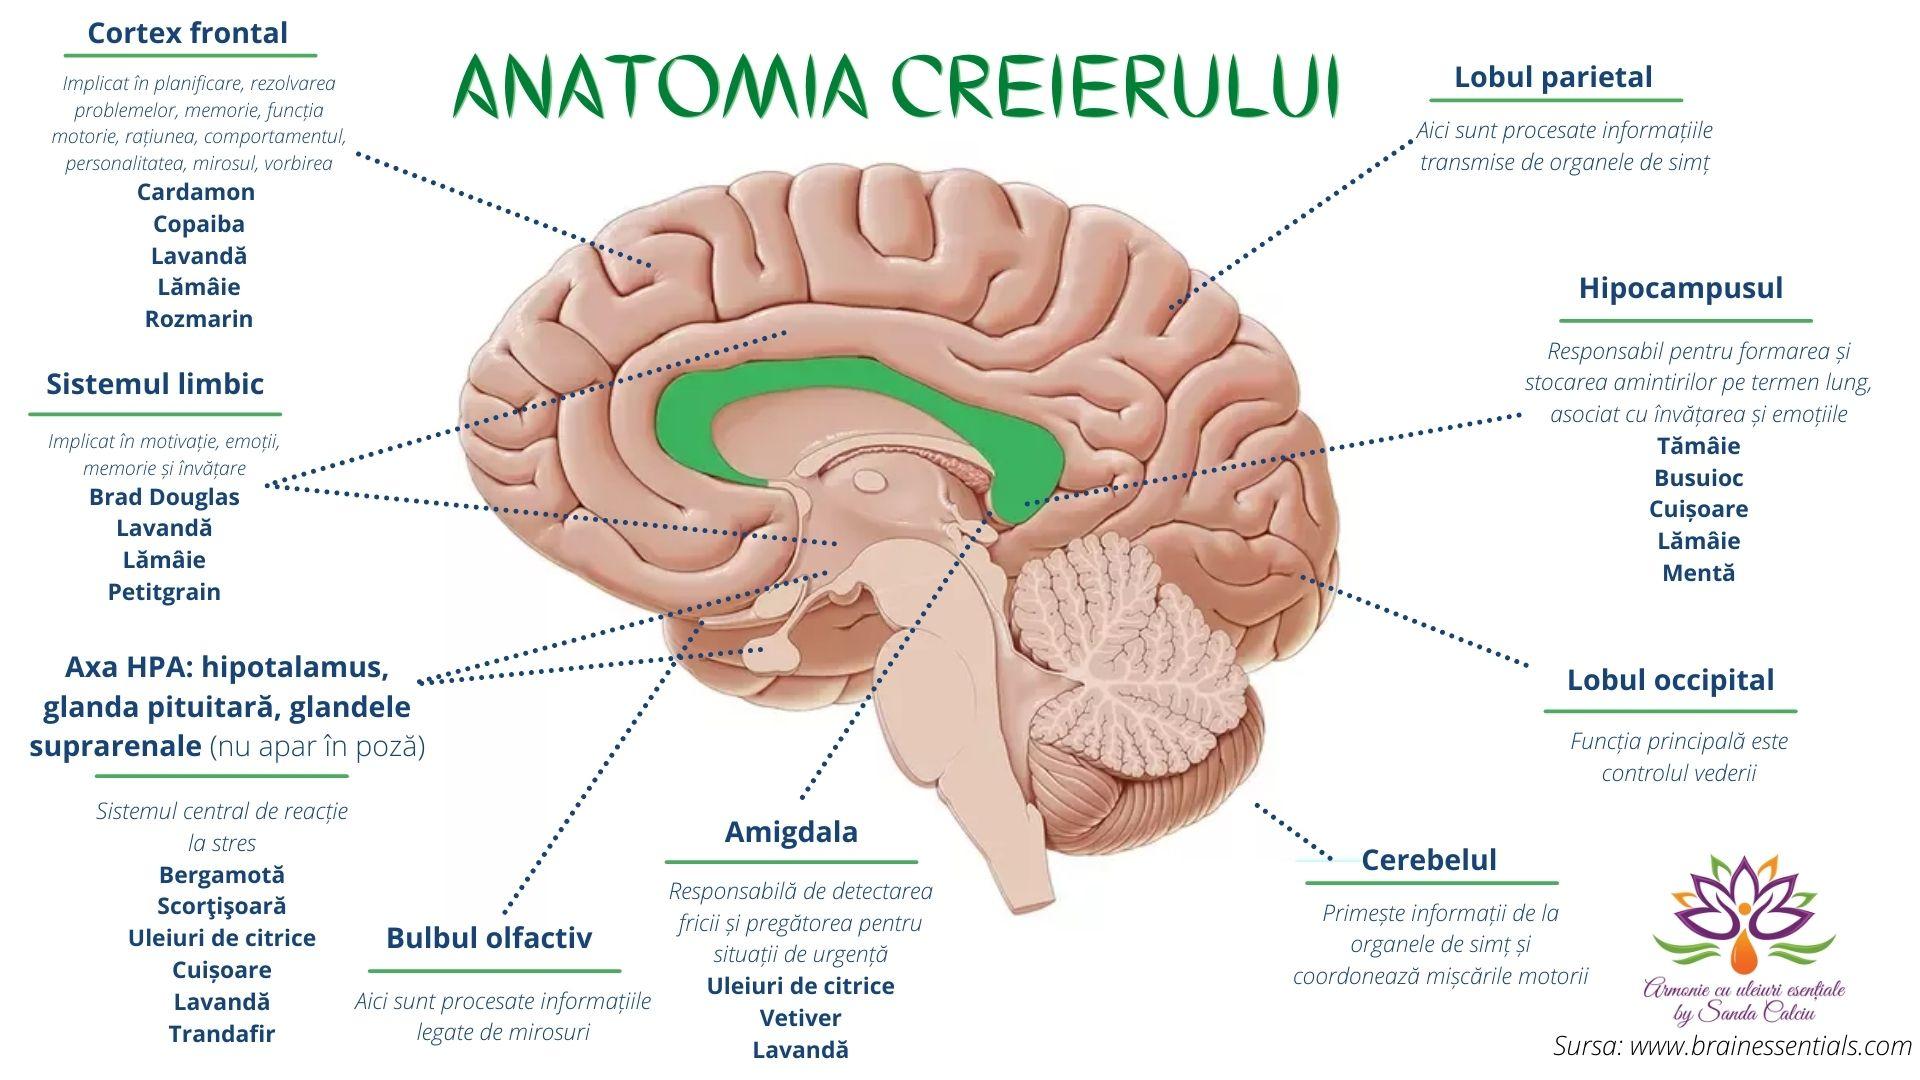 Anatomia creierului si uleiurile esentiale